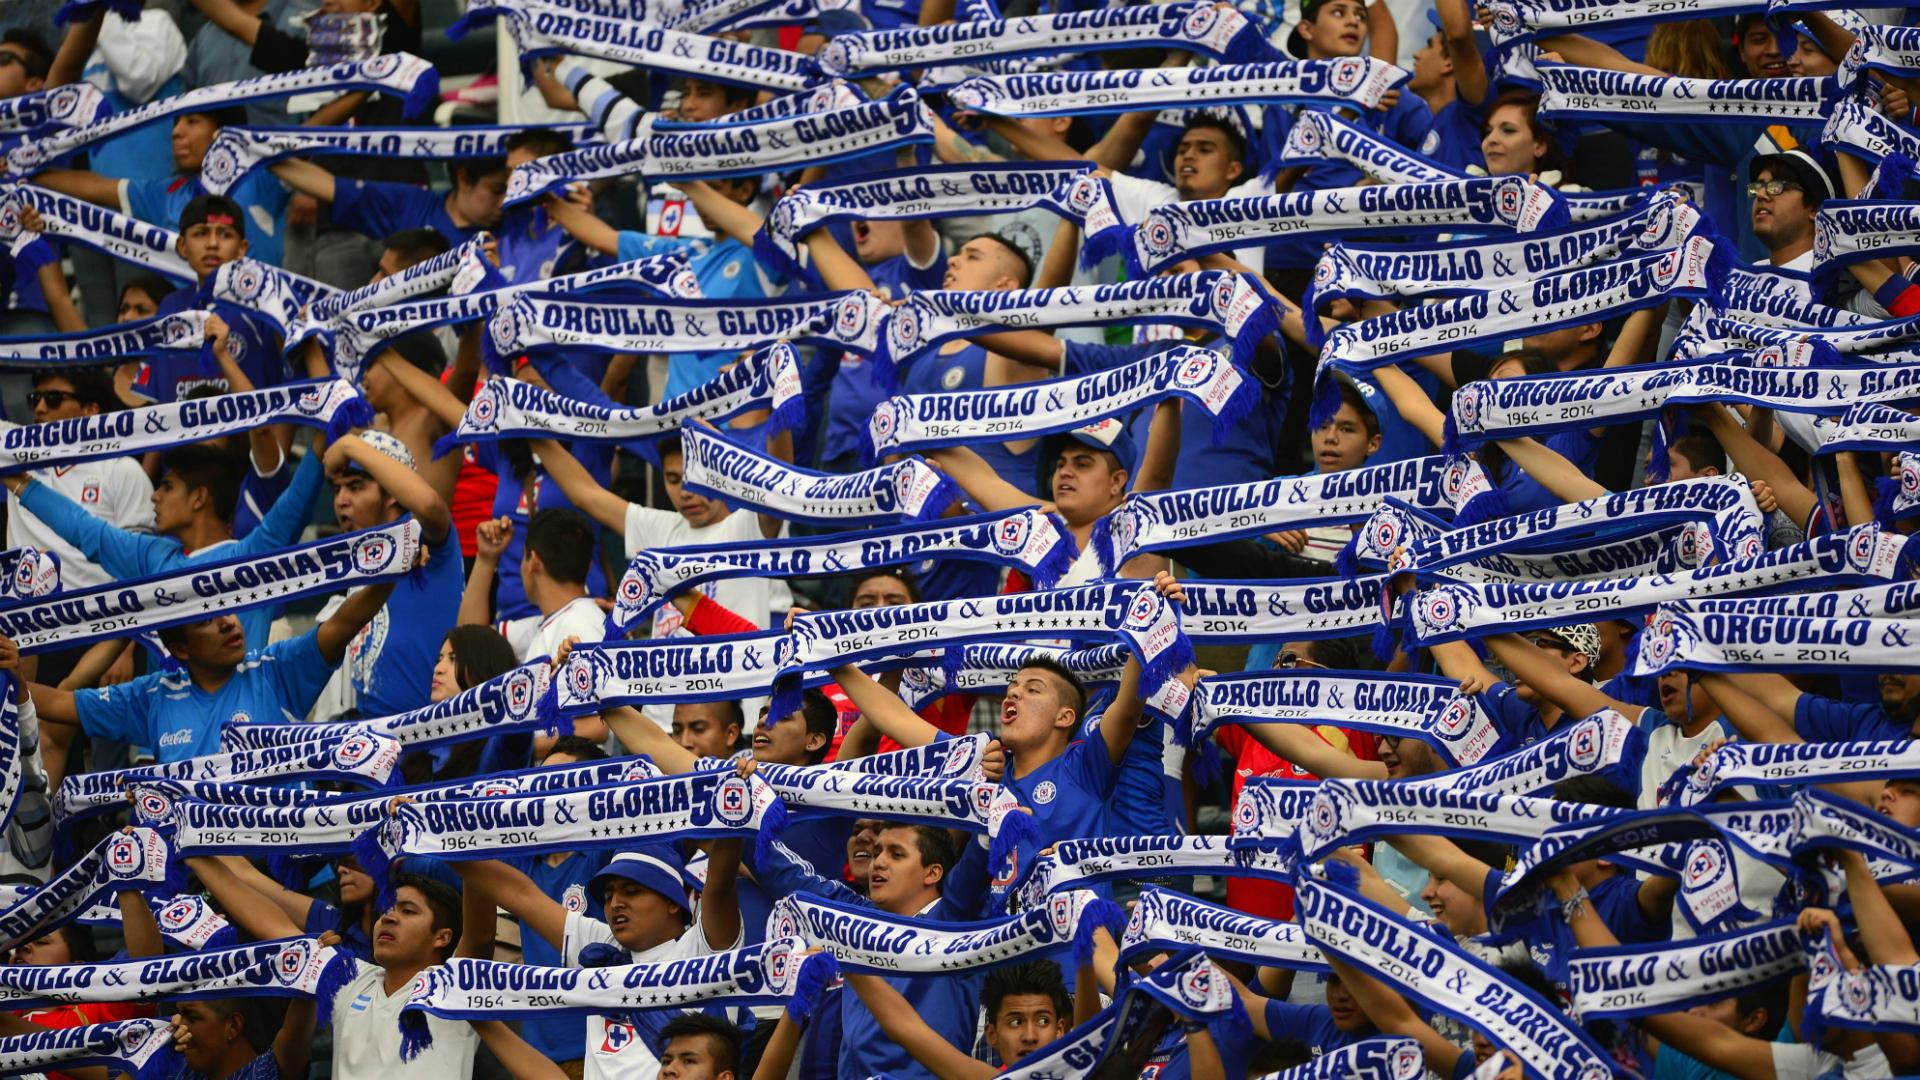 Cruz Azul fans